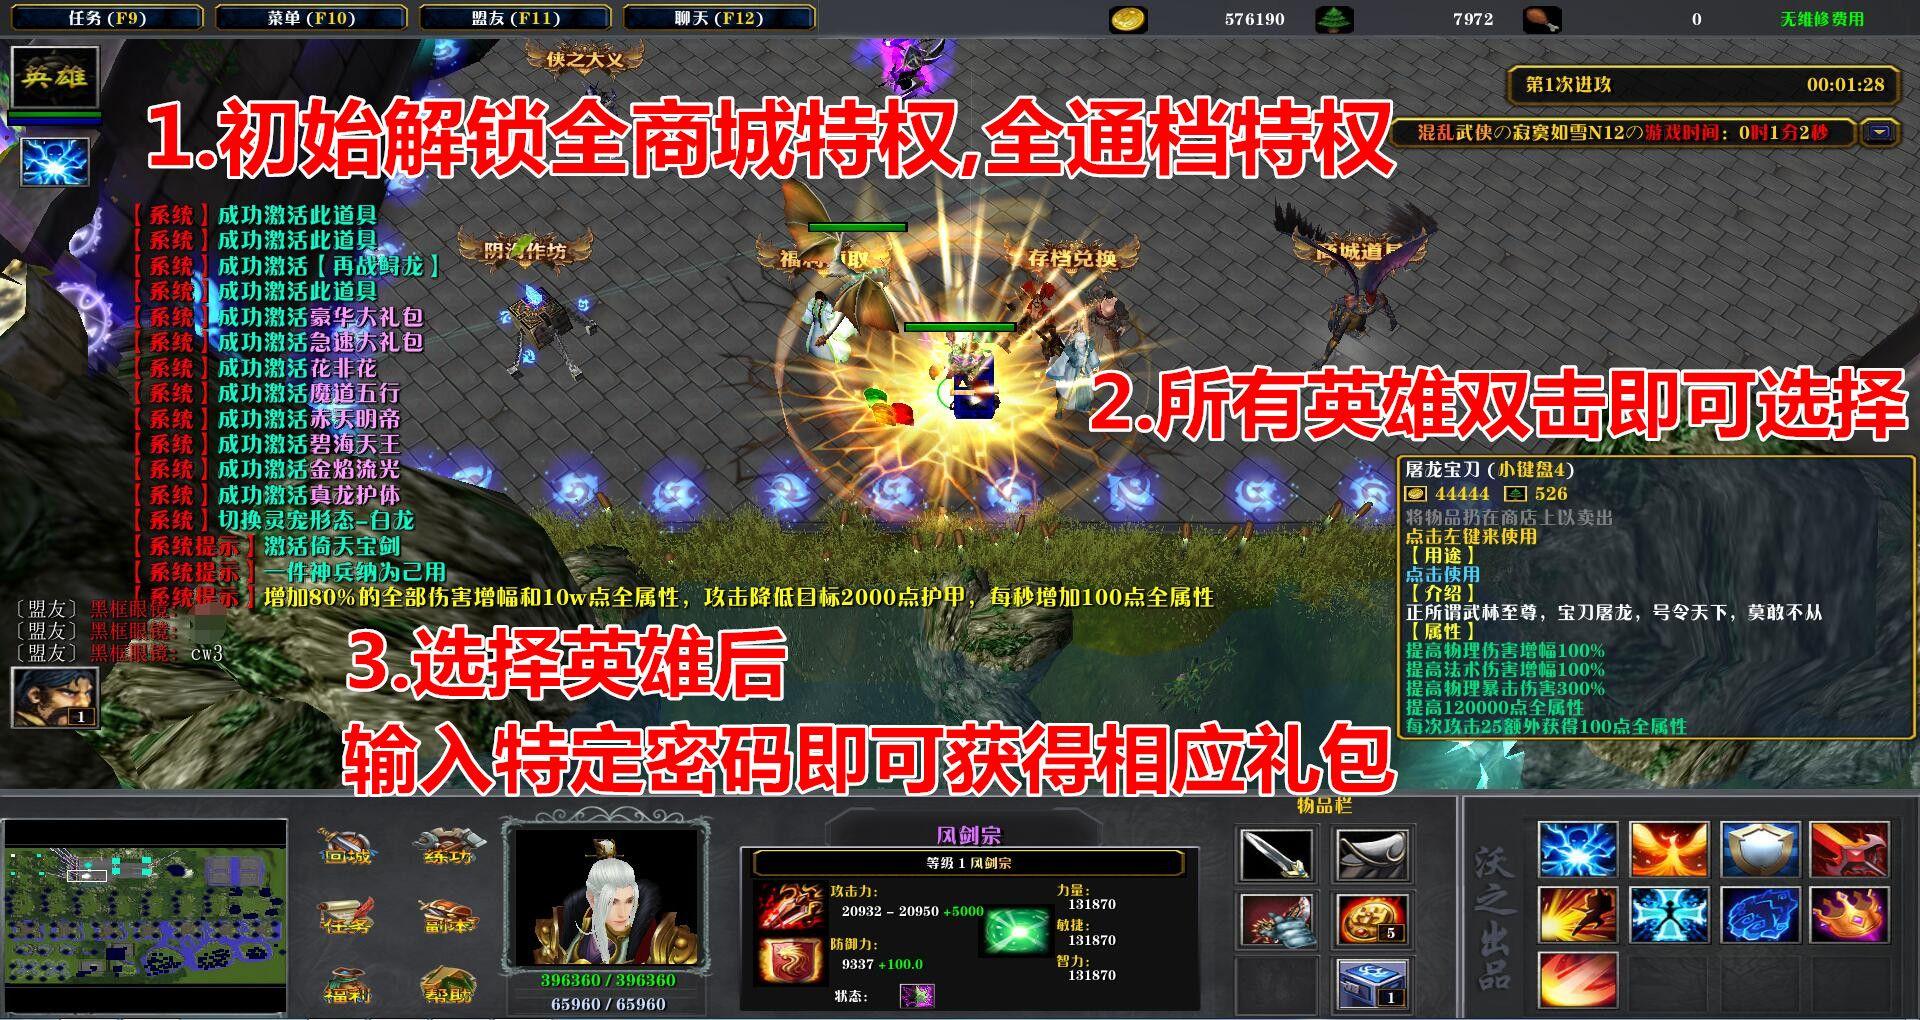 屠龙倚天之混乱武侠1.0.14黑式破解(附隐藏礼包密码) 全限定英雄+官方特权+存档代刷